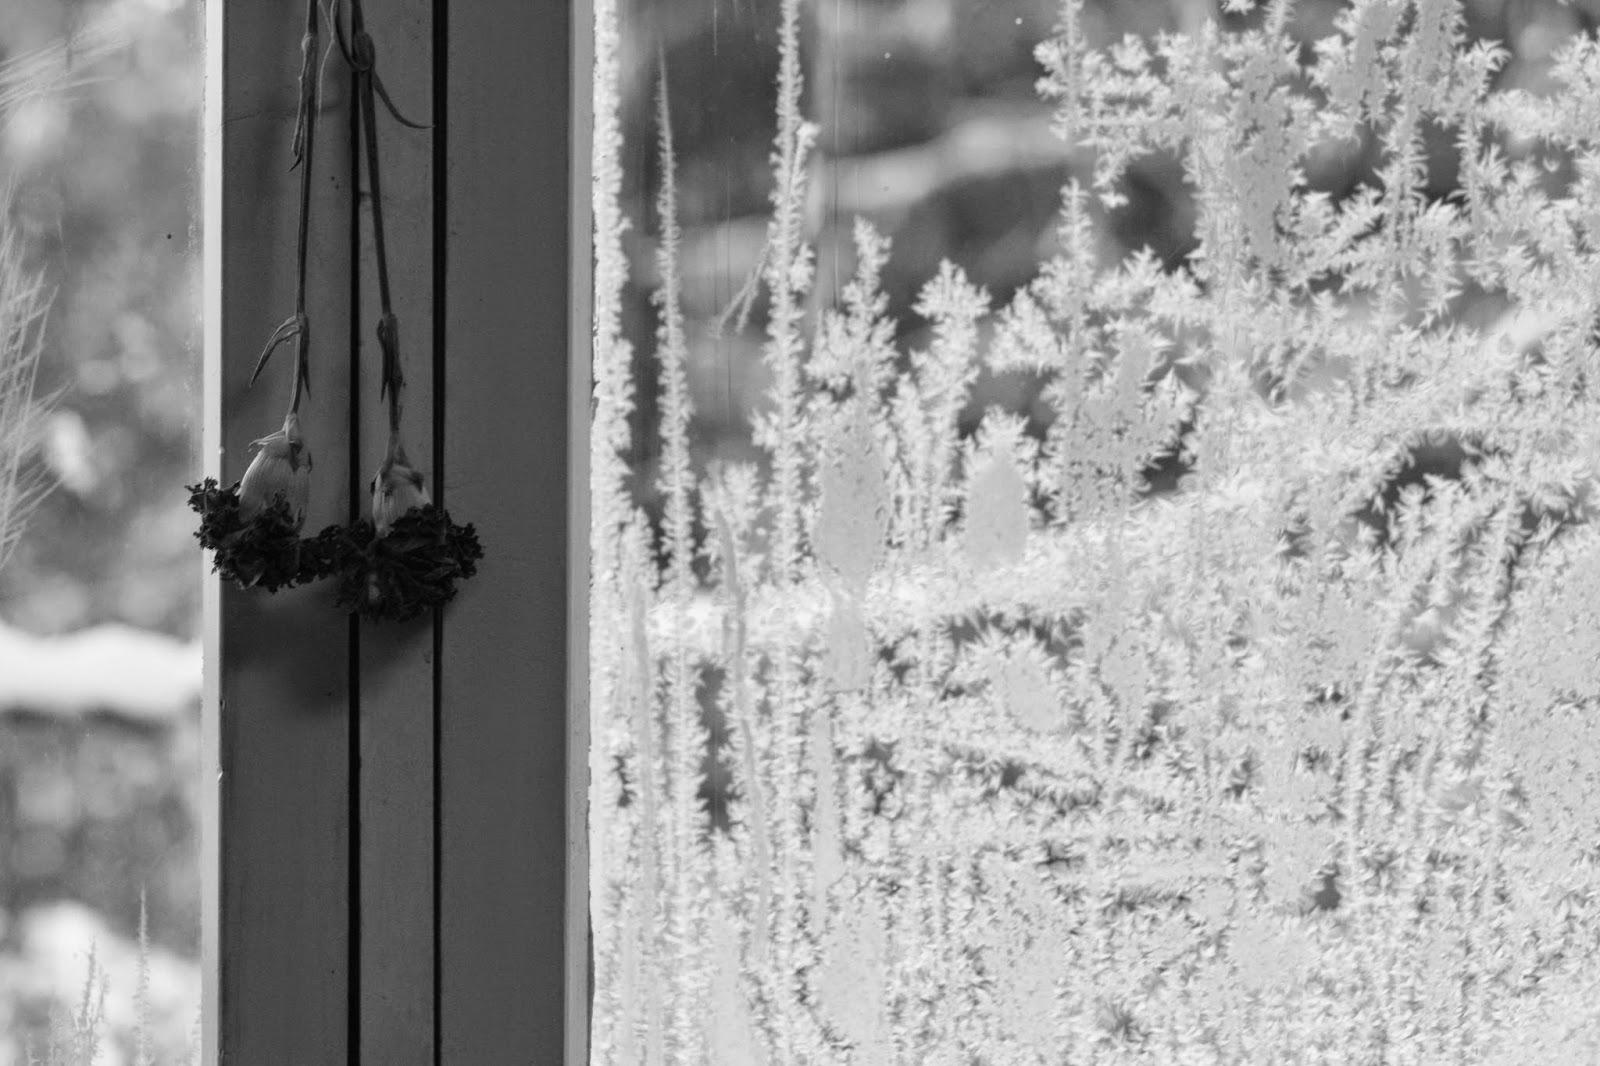 window, ice, flower, ventana, hielo, jäinen ikkuna